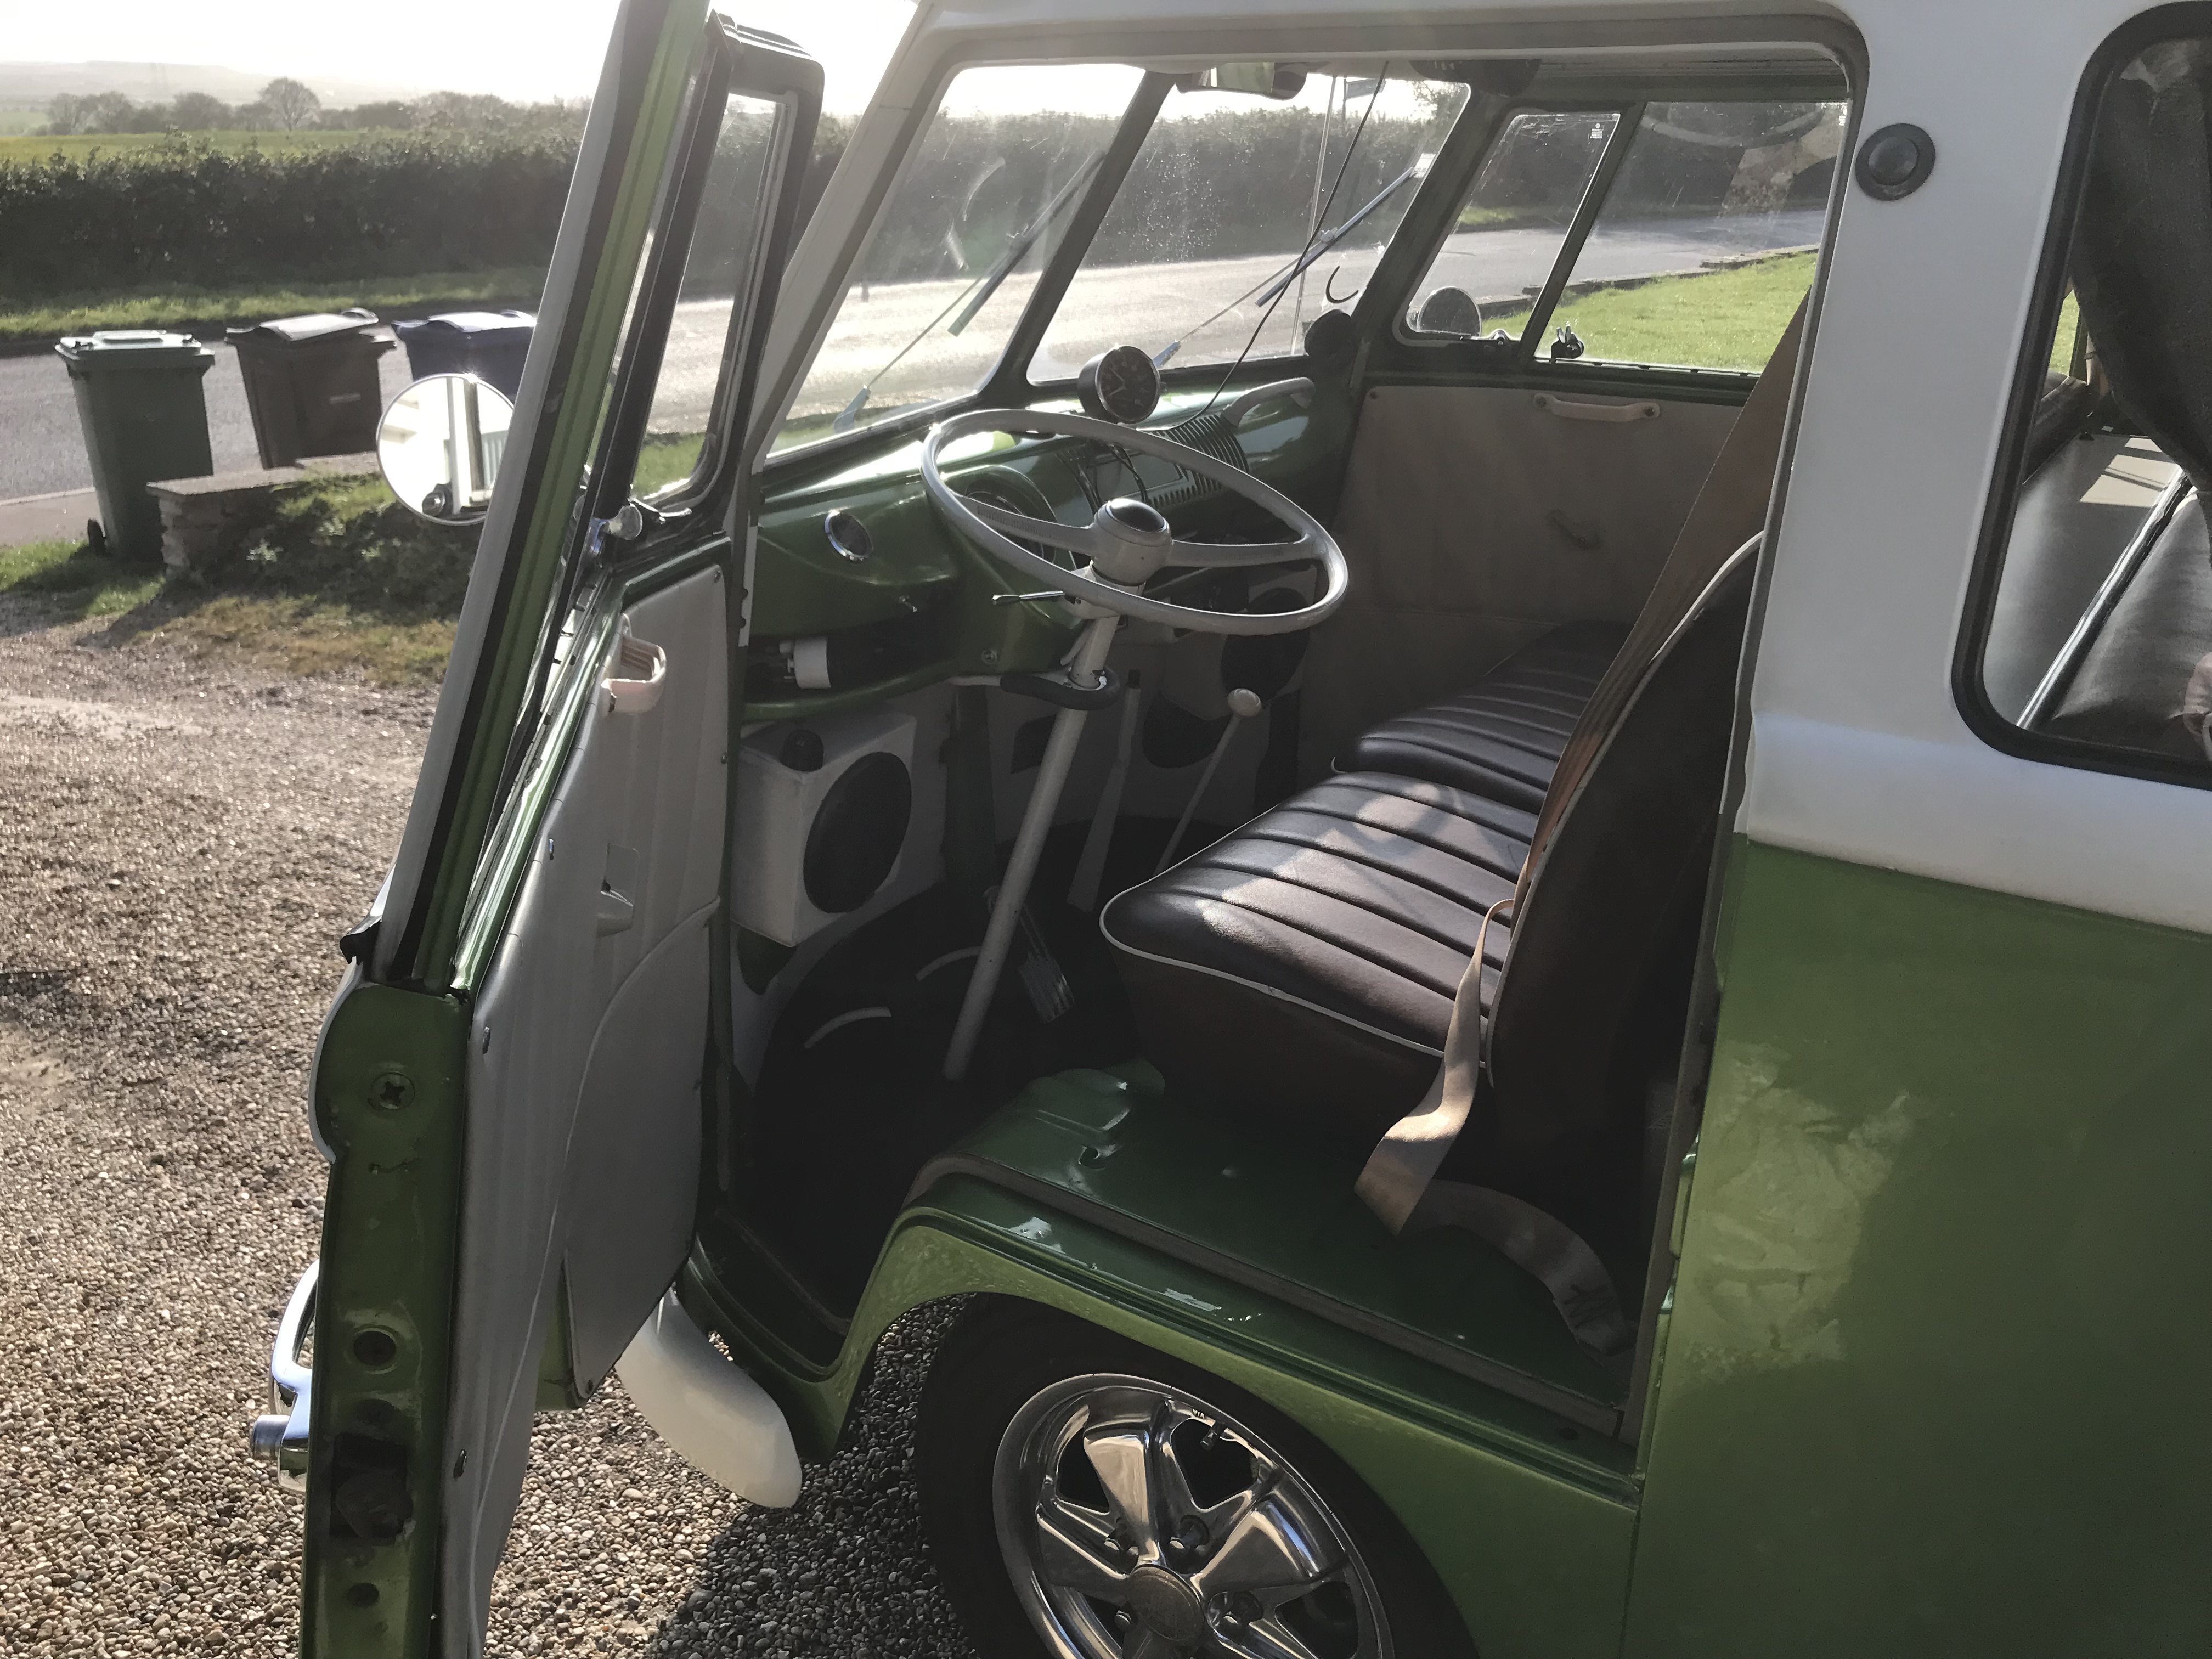 vw split screen camper van for sale esse